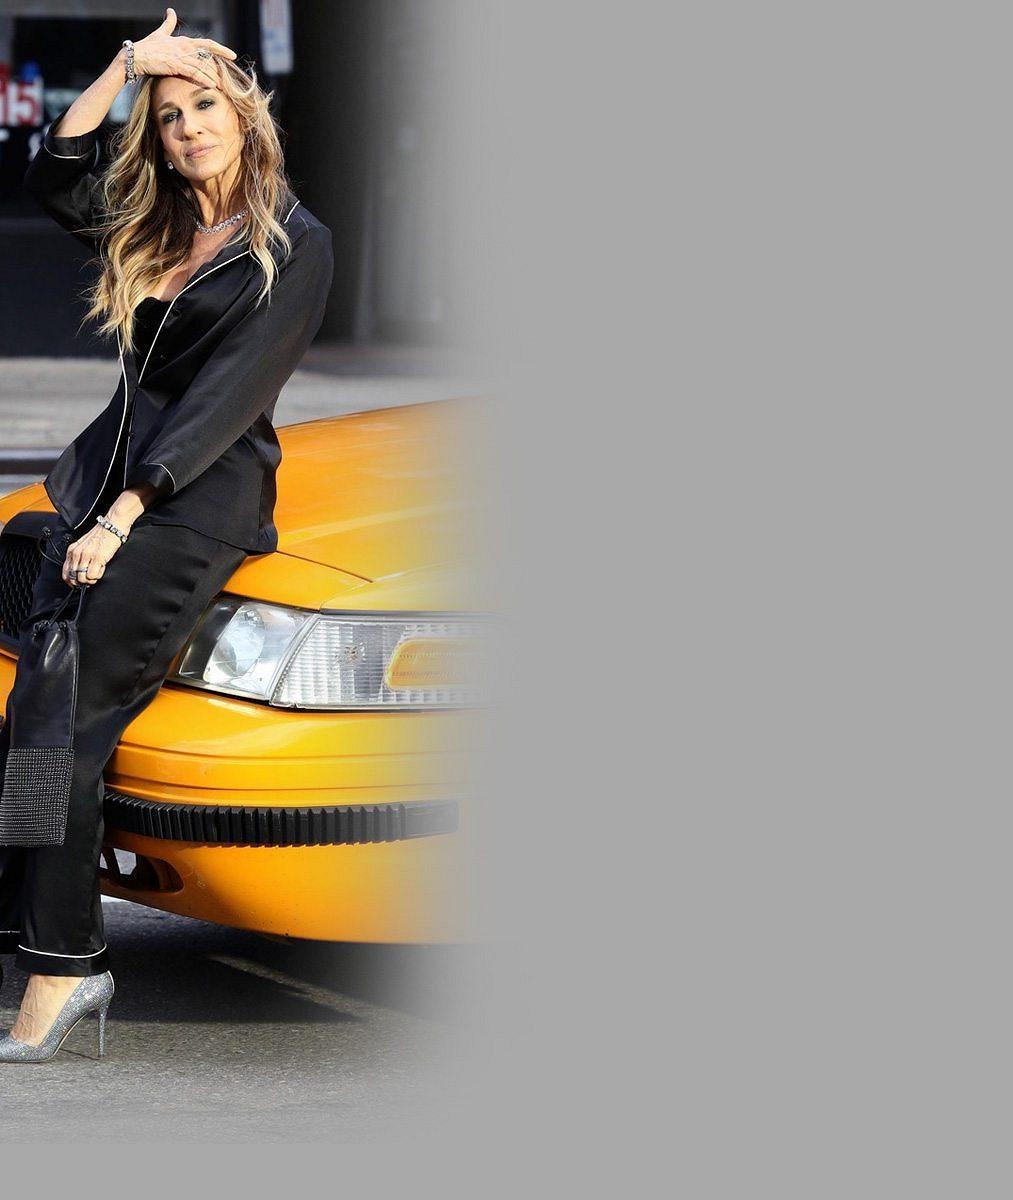 Takhle nás baví: Představitelka Carrie vyšla do ulic New Yorku v pyžamu a podprsence a vypadala úchvatně